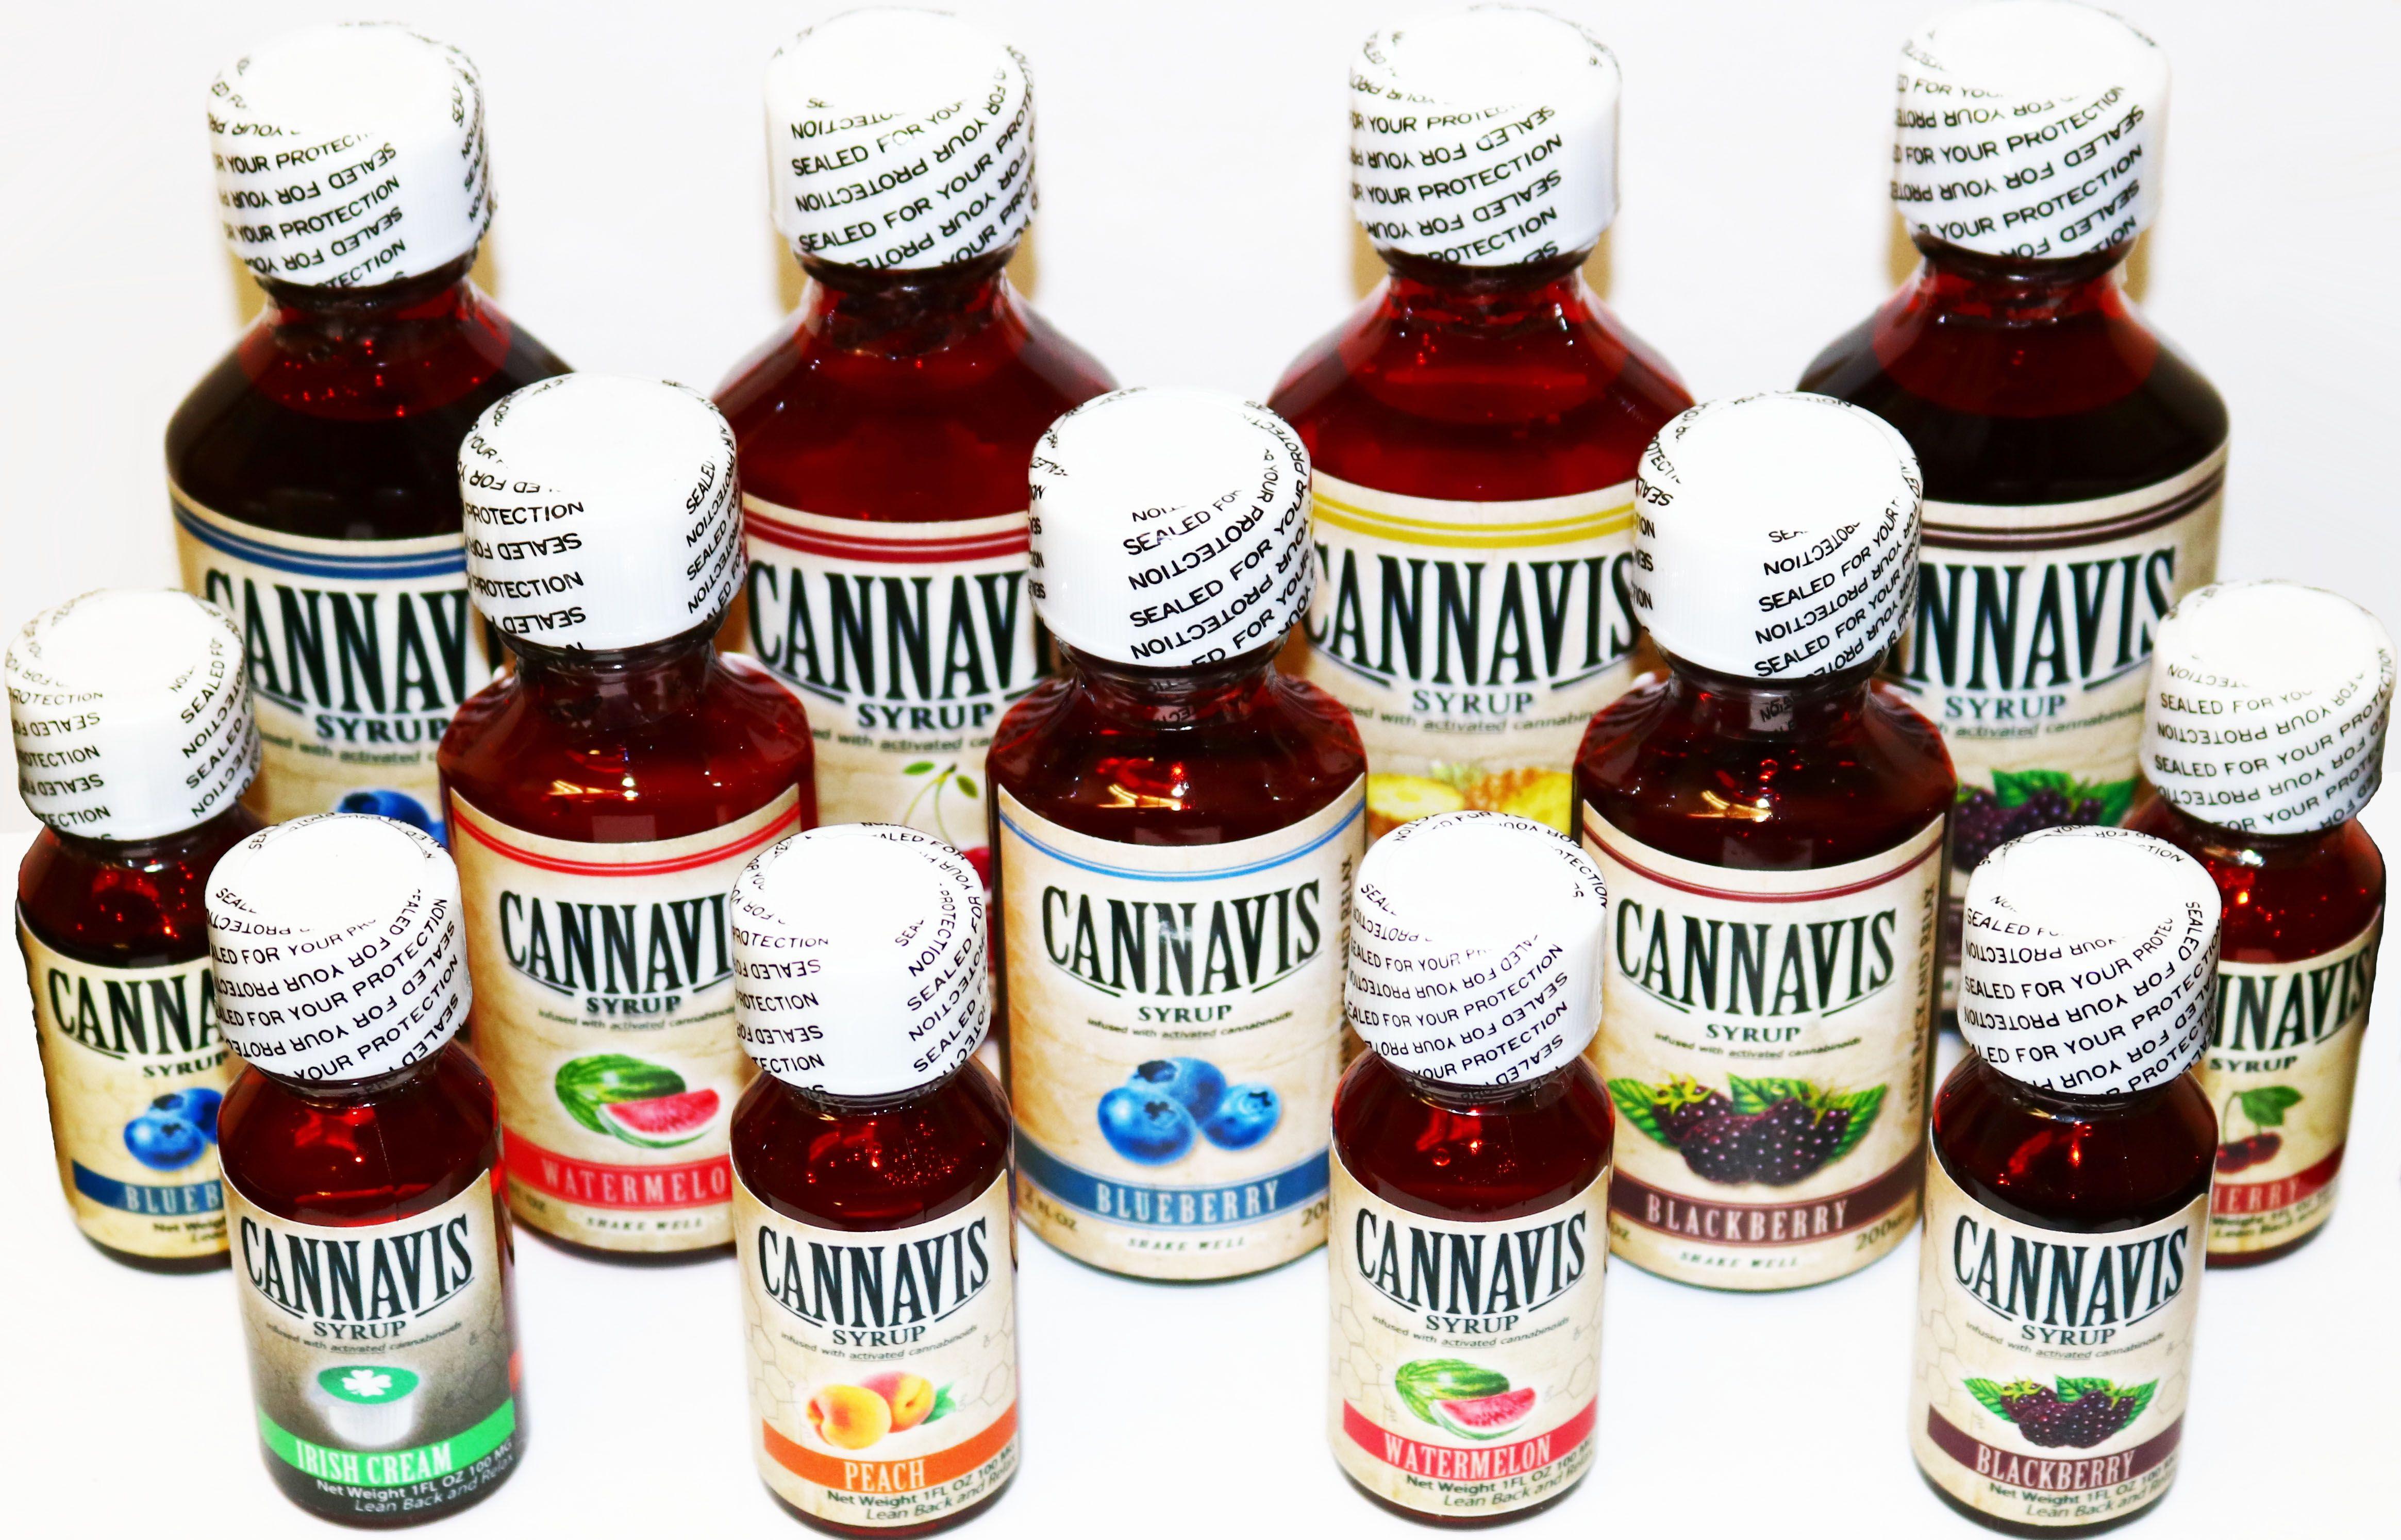 Cannavis Syrup - 100mg